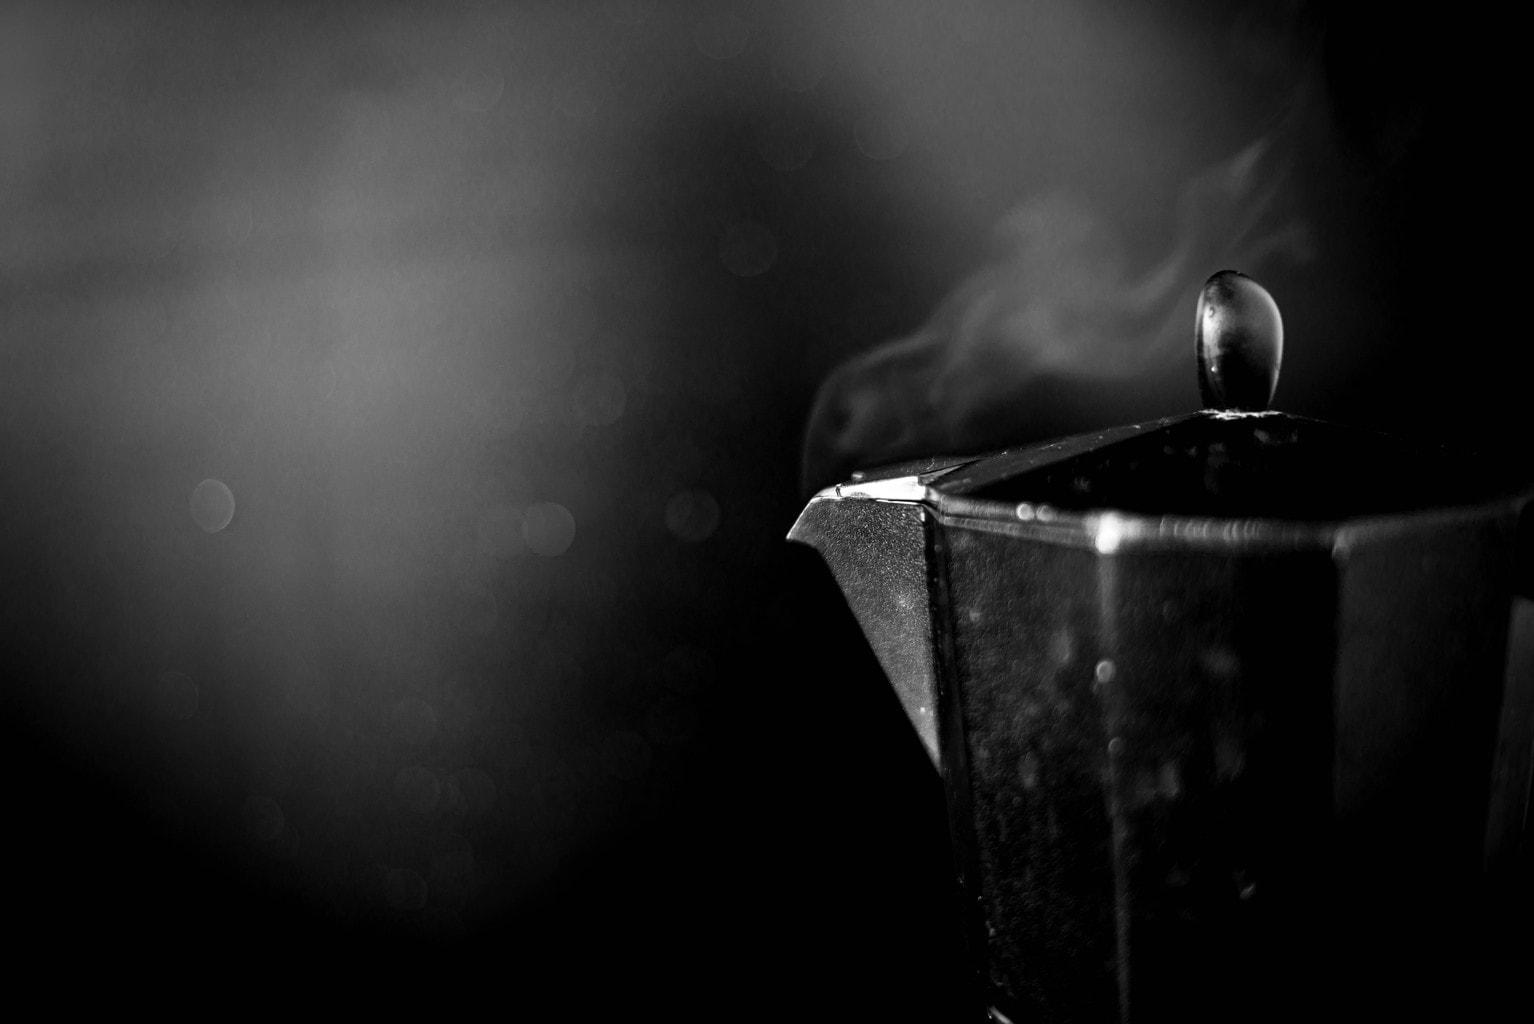 fotografía de una cafetera en blanco y negro